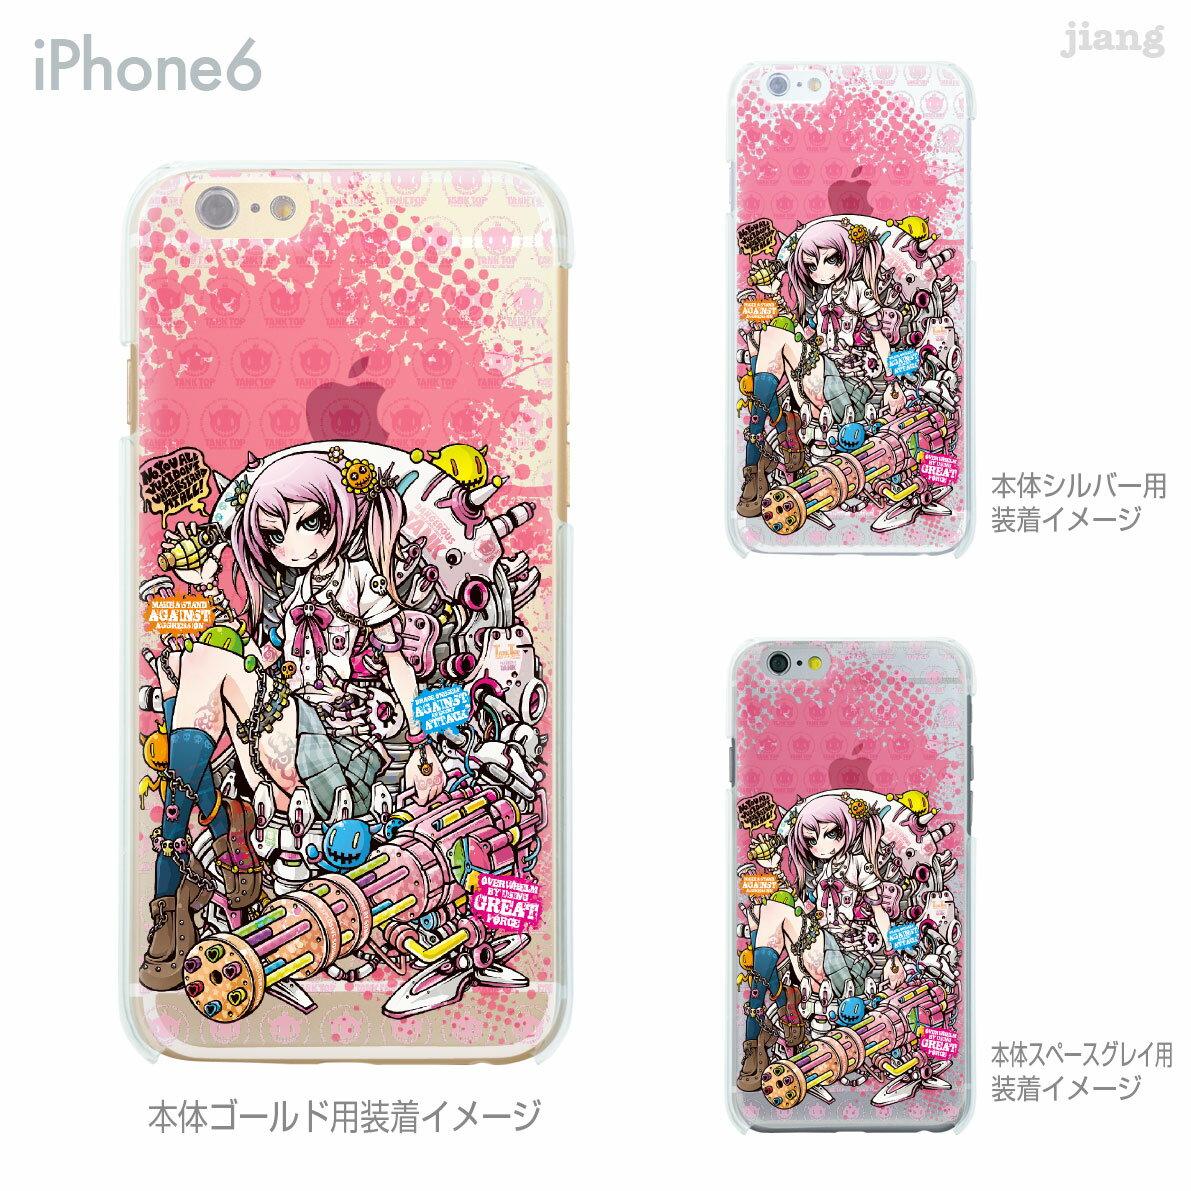 iPhoneX iPhone X ケース iPhone8 iPhone7ケース iPhone7 Plus iPhone6s iPhone6 Plus iphone ハードケース Clear Arts ケース カバー スマホケース クリアケース Project.C.K. DANGEROUS 11-ip6-ca0010-s